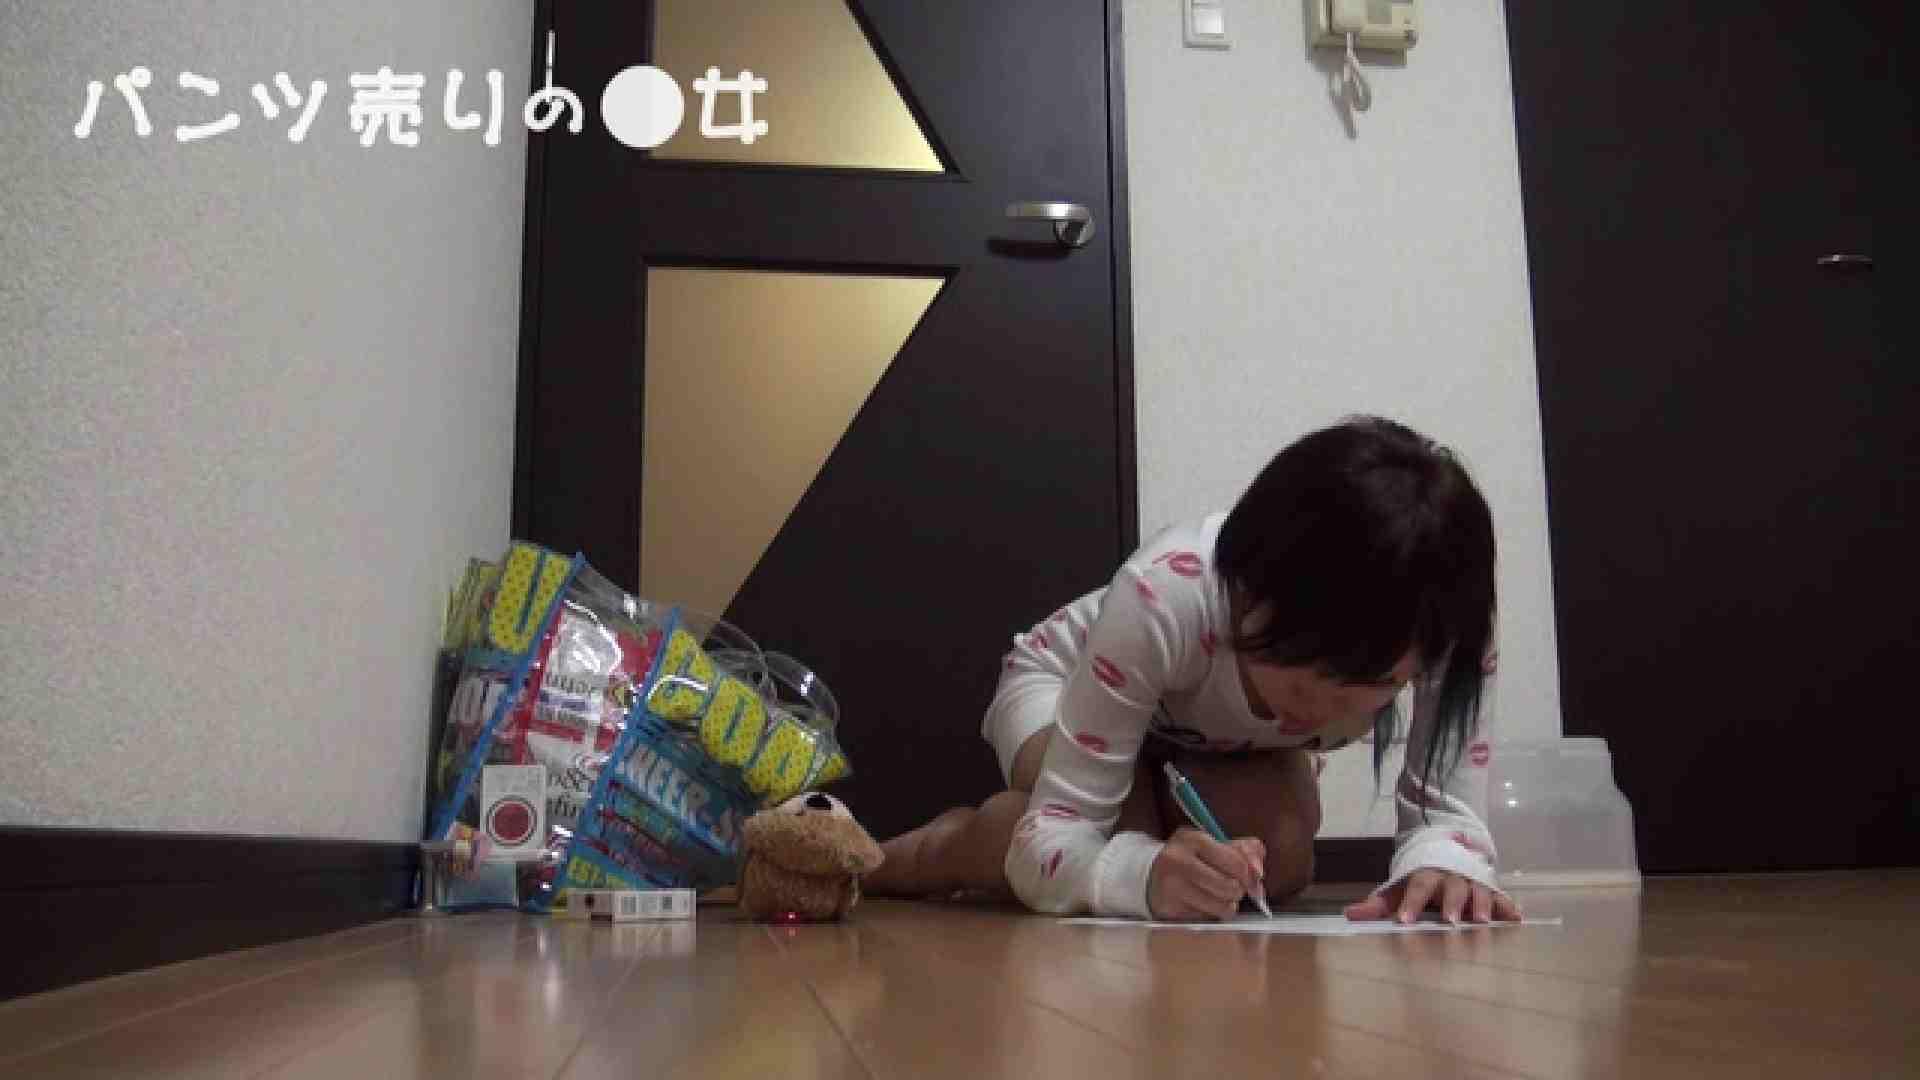 新説 パンツ売りの女の子nana 一般投稿  41連発 2